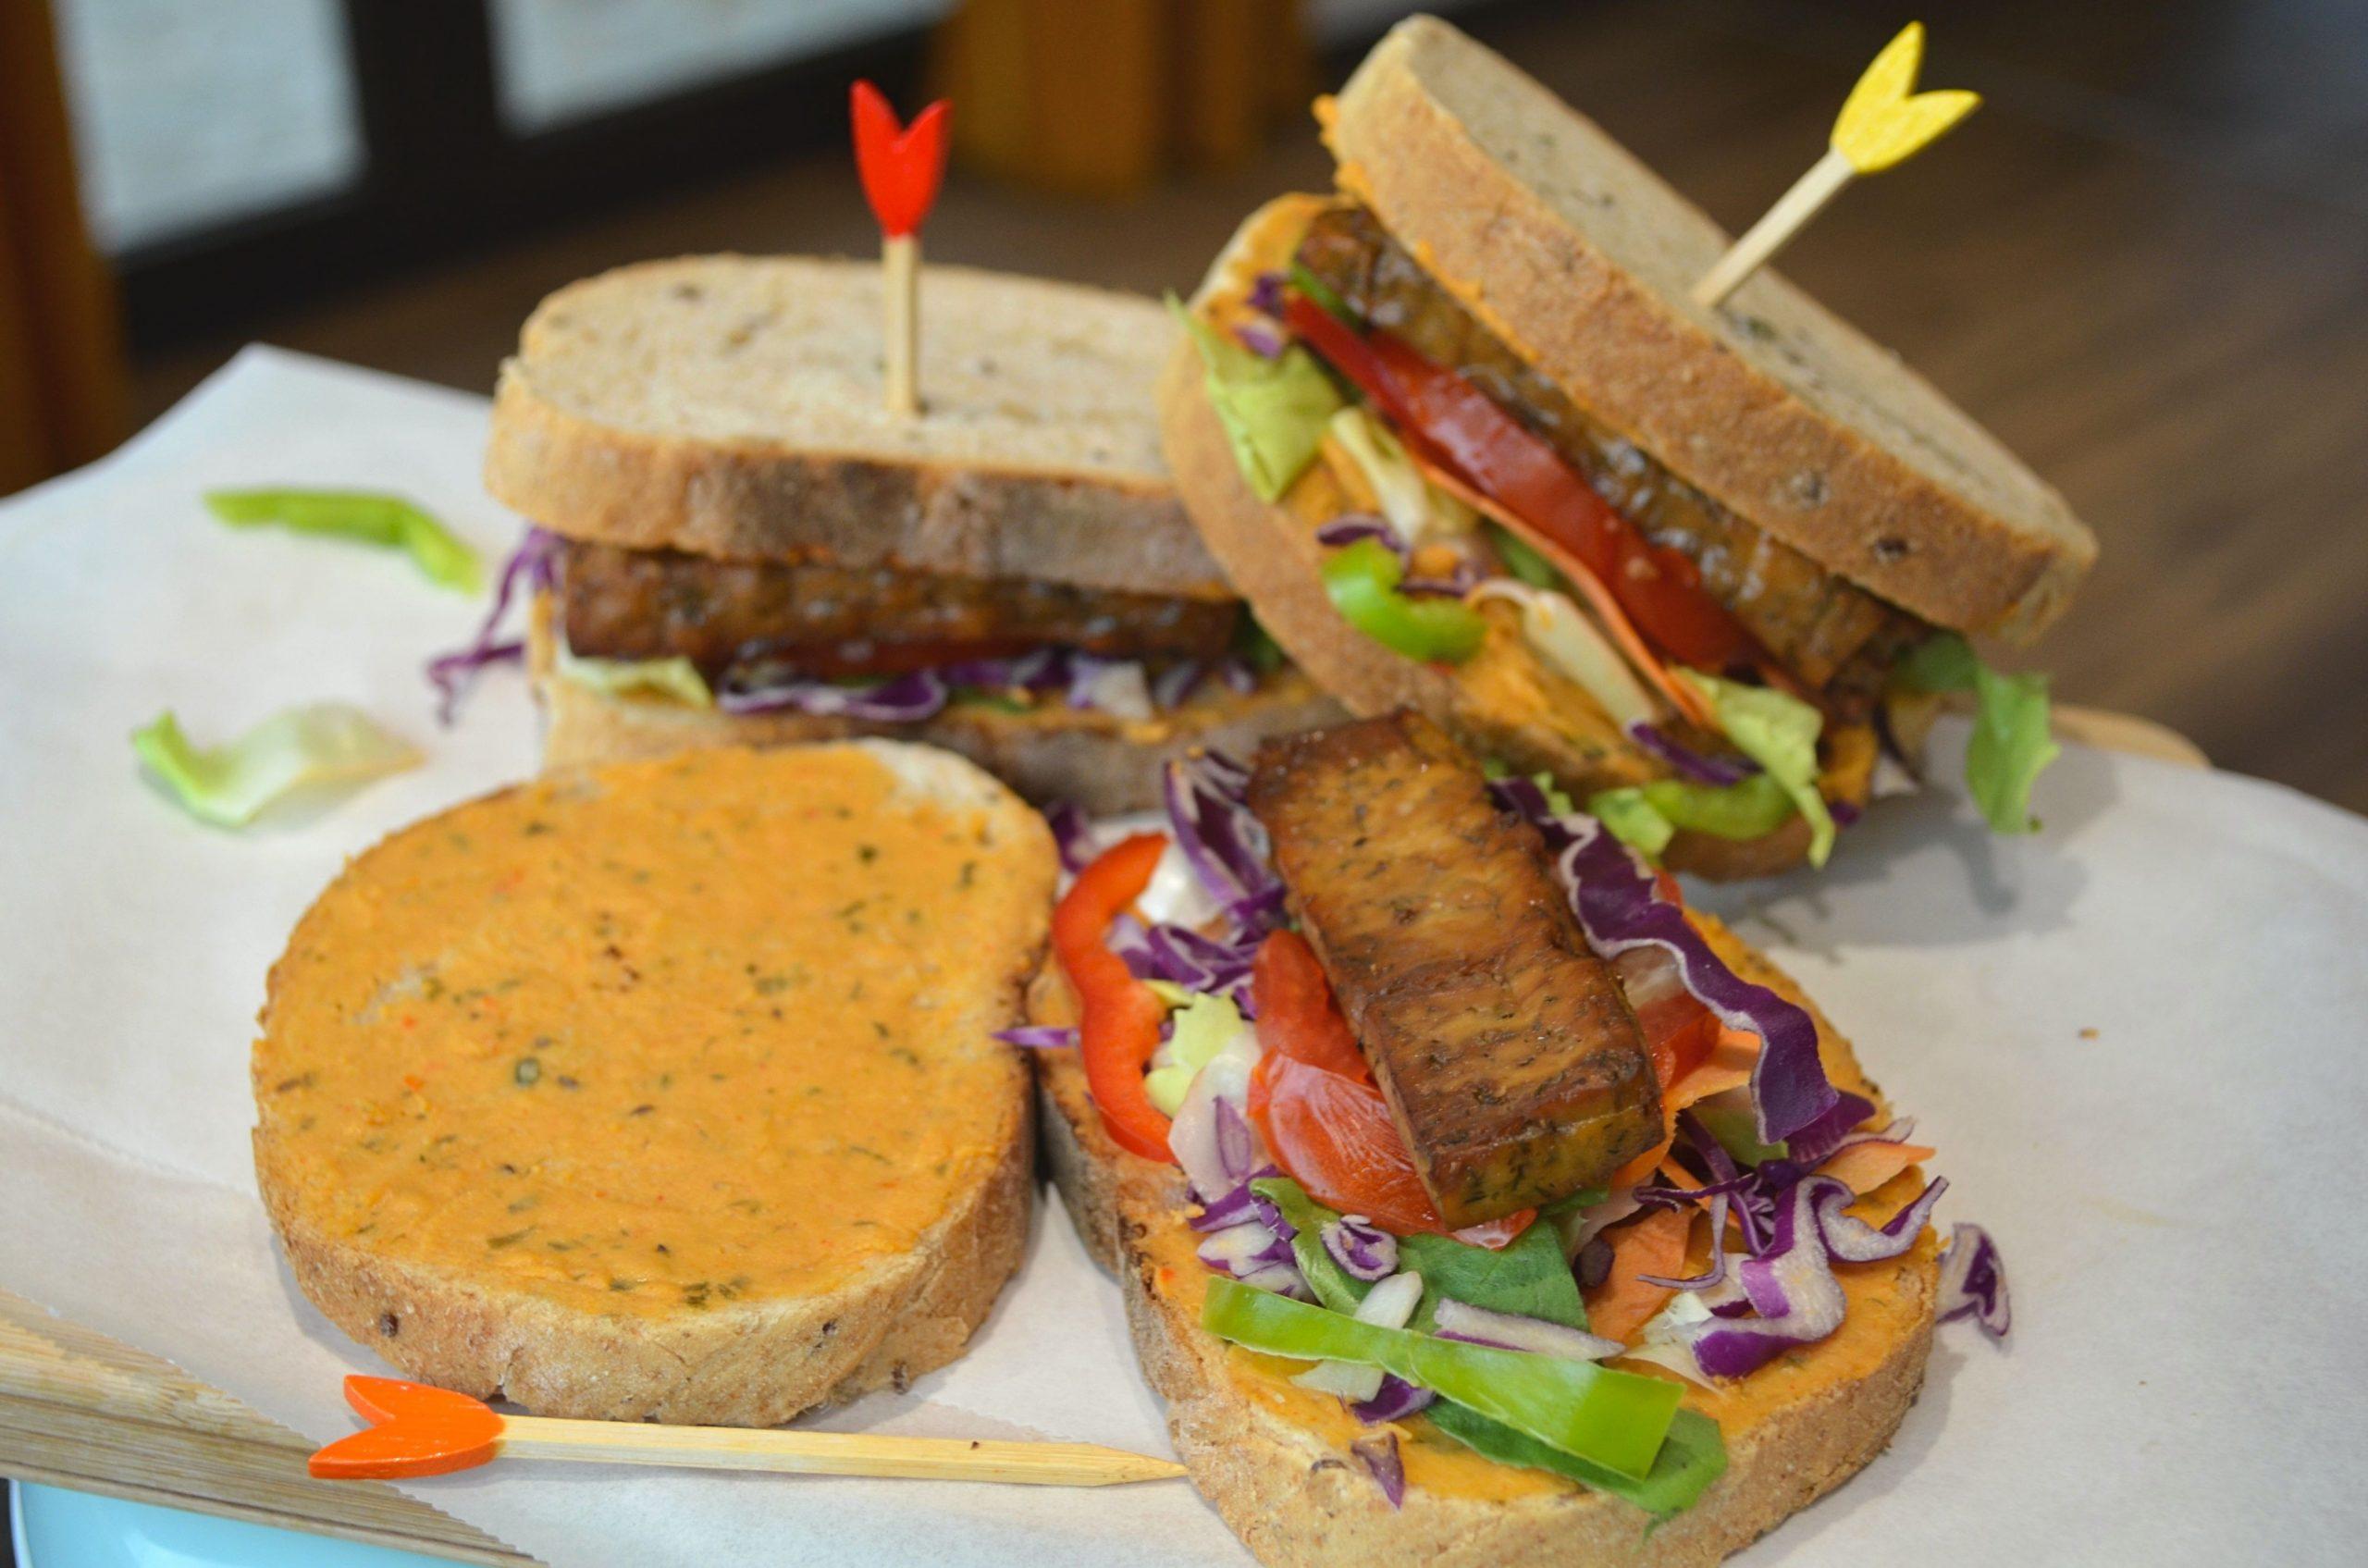 Sandwich cu salata, rosii si pateuri vegetale tartinabile